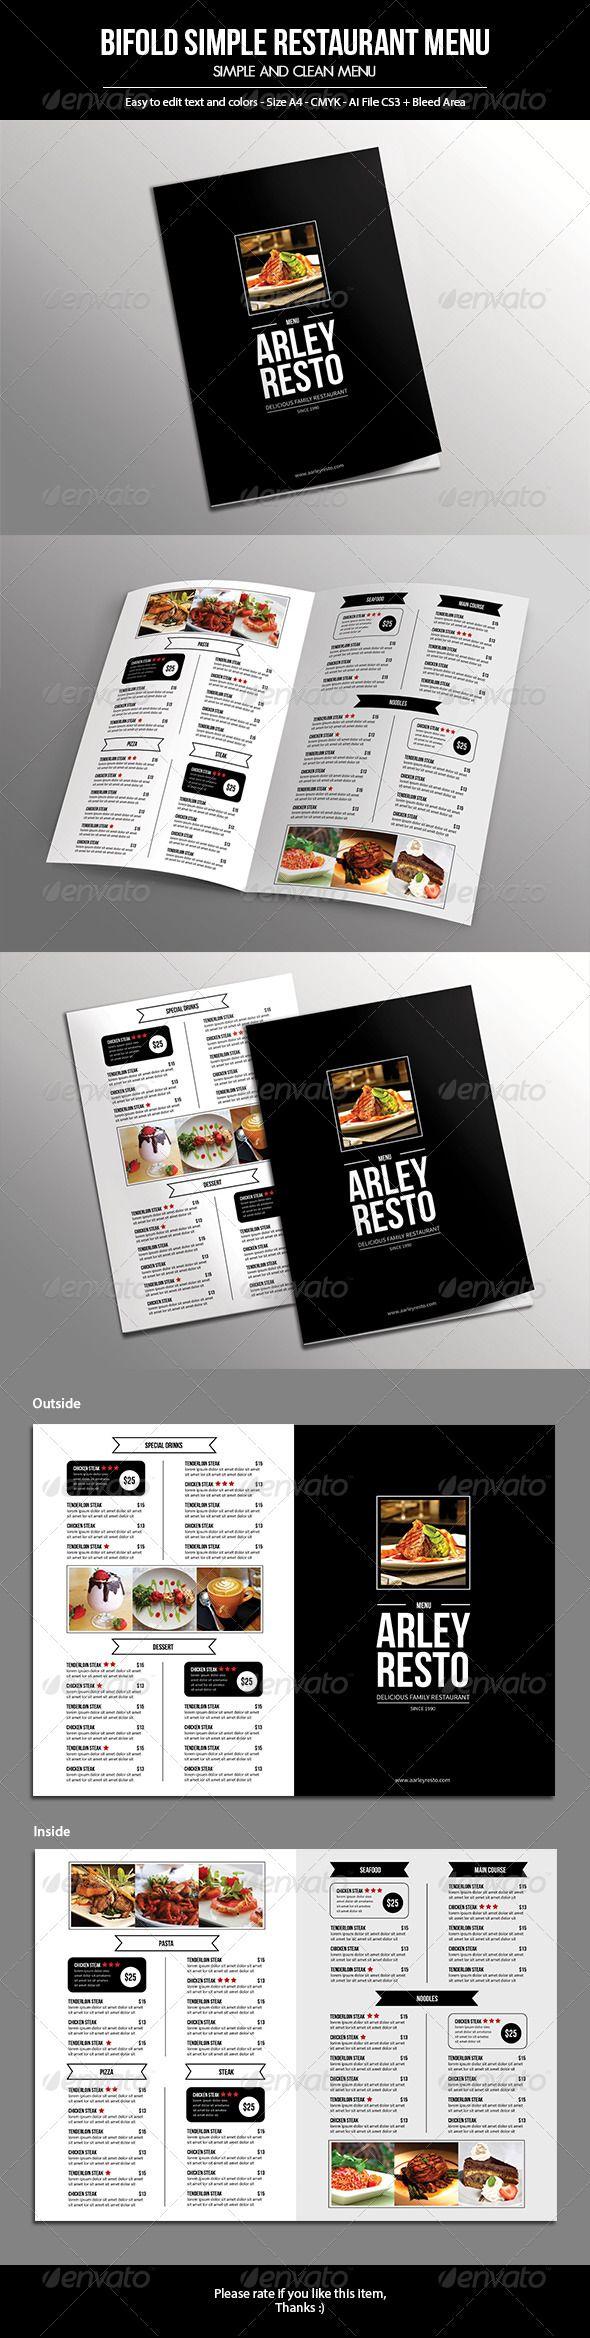 restaurant menu template download